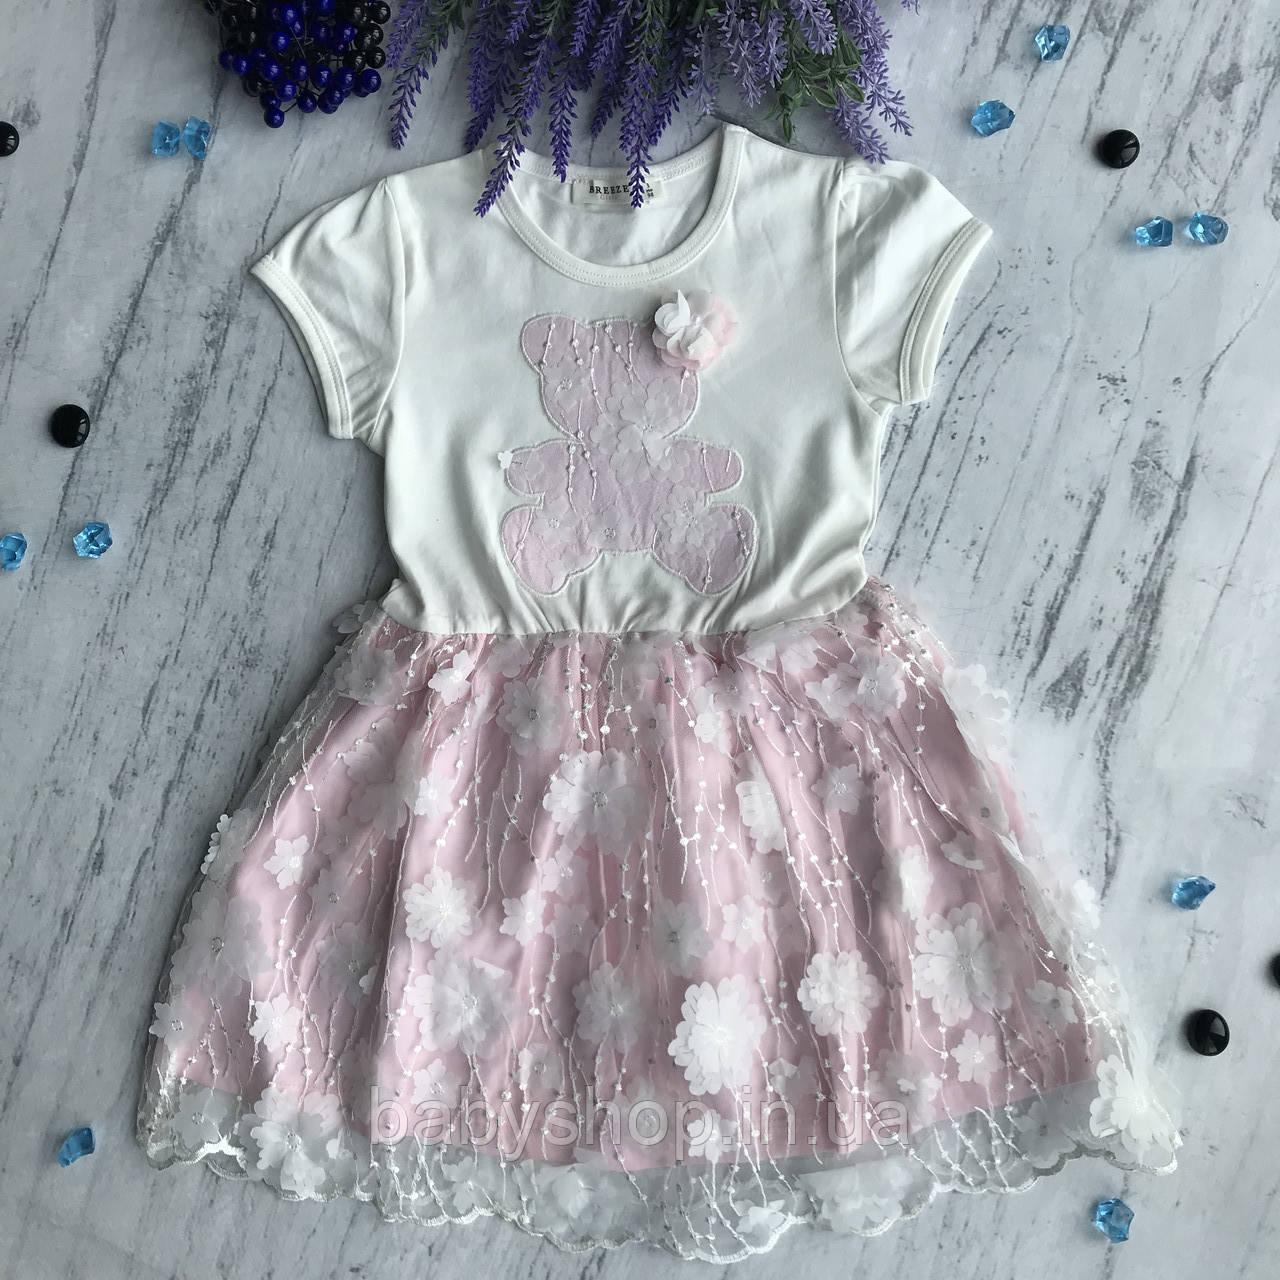 Летнее платье на девочку Breeze 12-1/32. Размеры  98 см, 104 см, 110 см, 116 см, 128 см